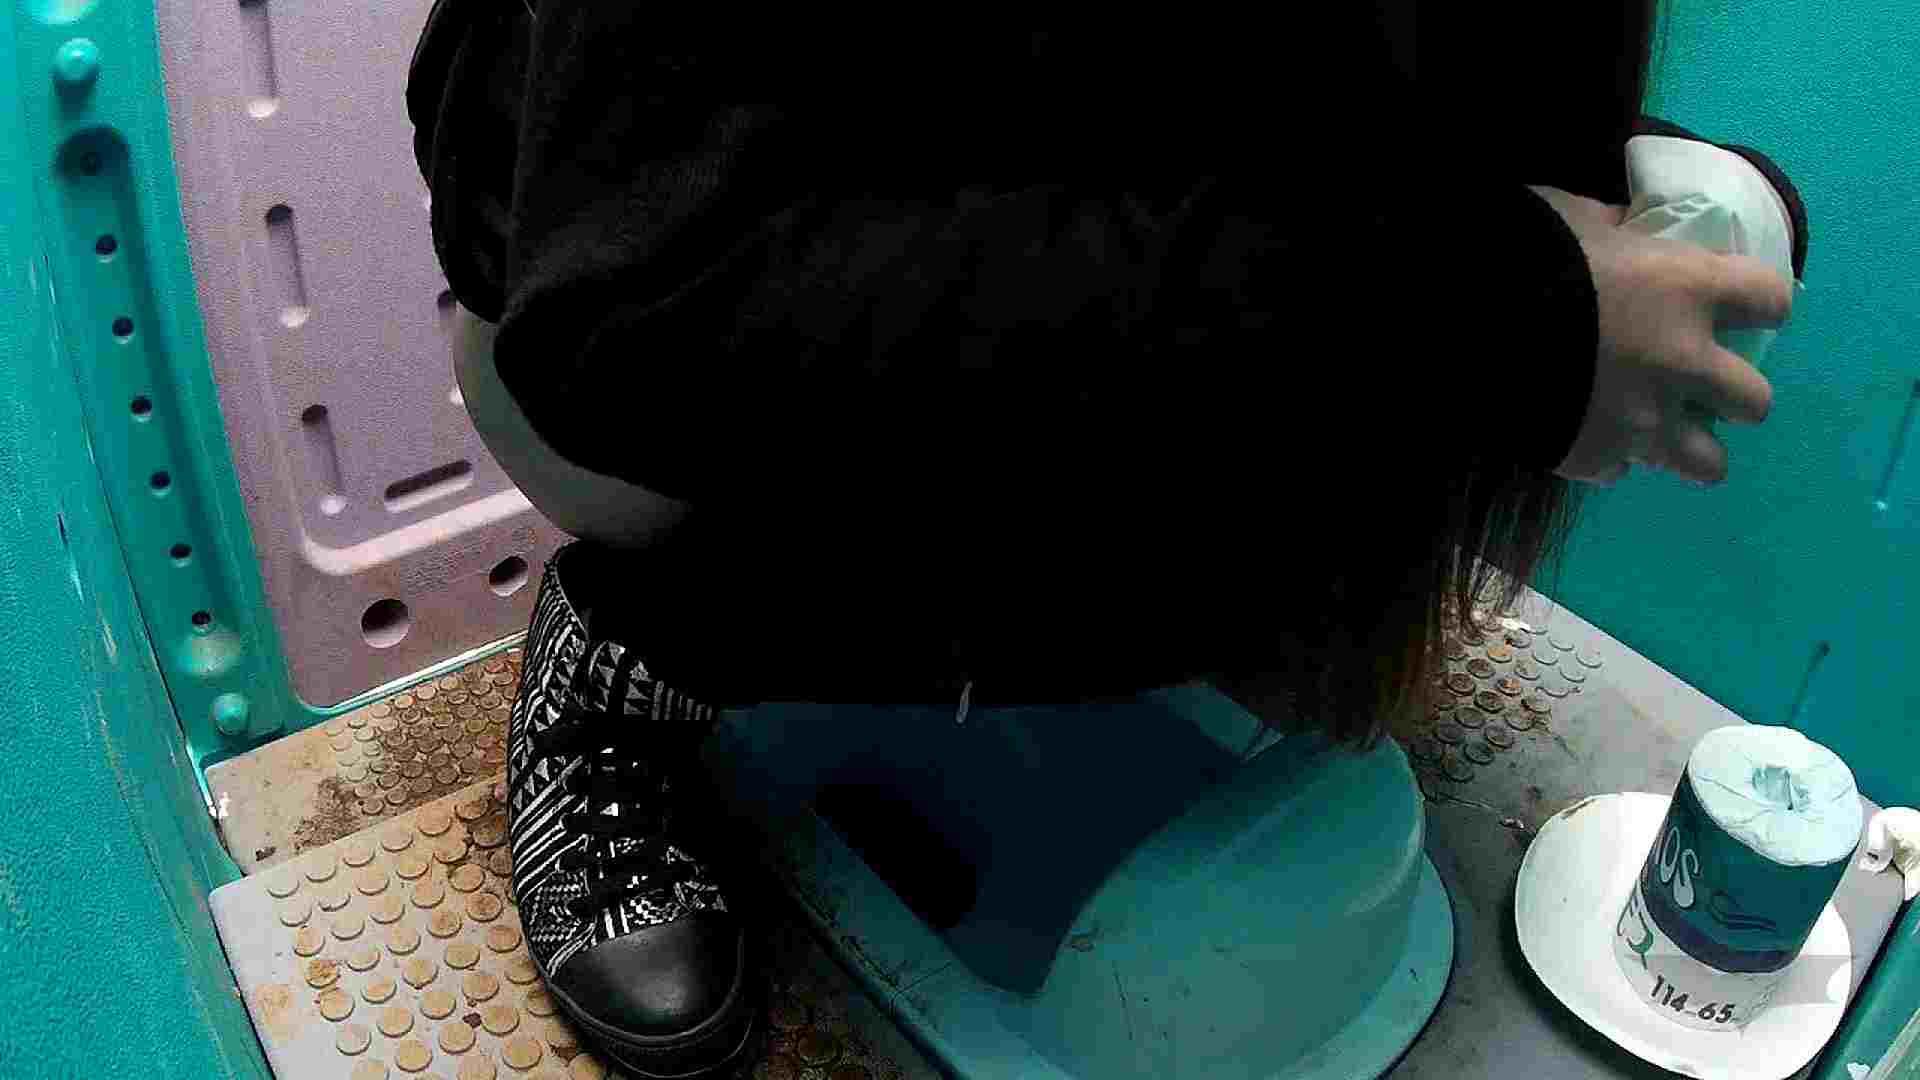 痴態洗面所 Vol.06 中が「マジヤバいヨネ!」洗面所 OLのボディ  49PIX 38